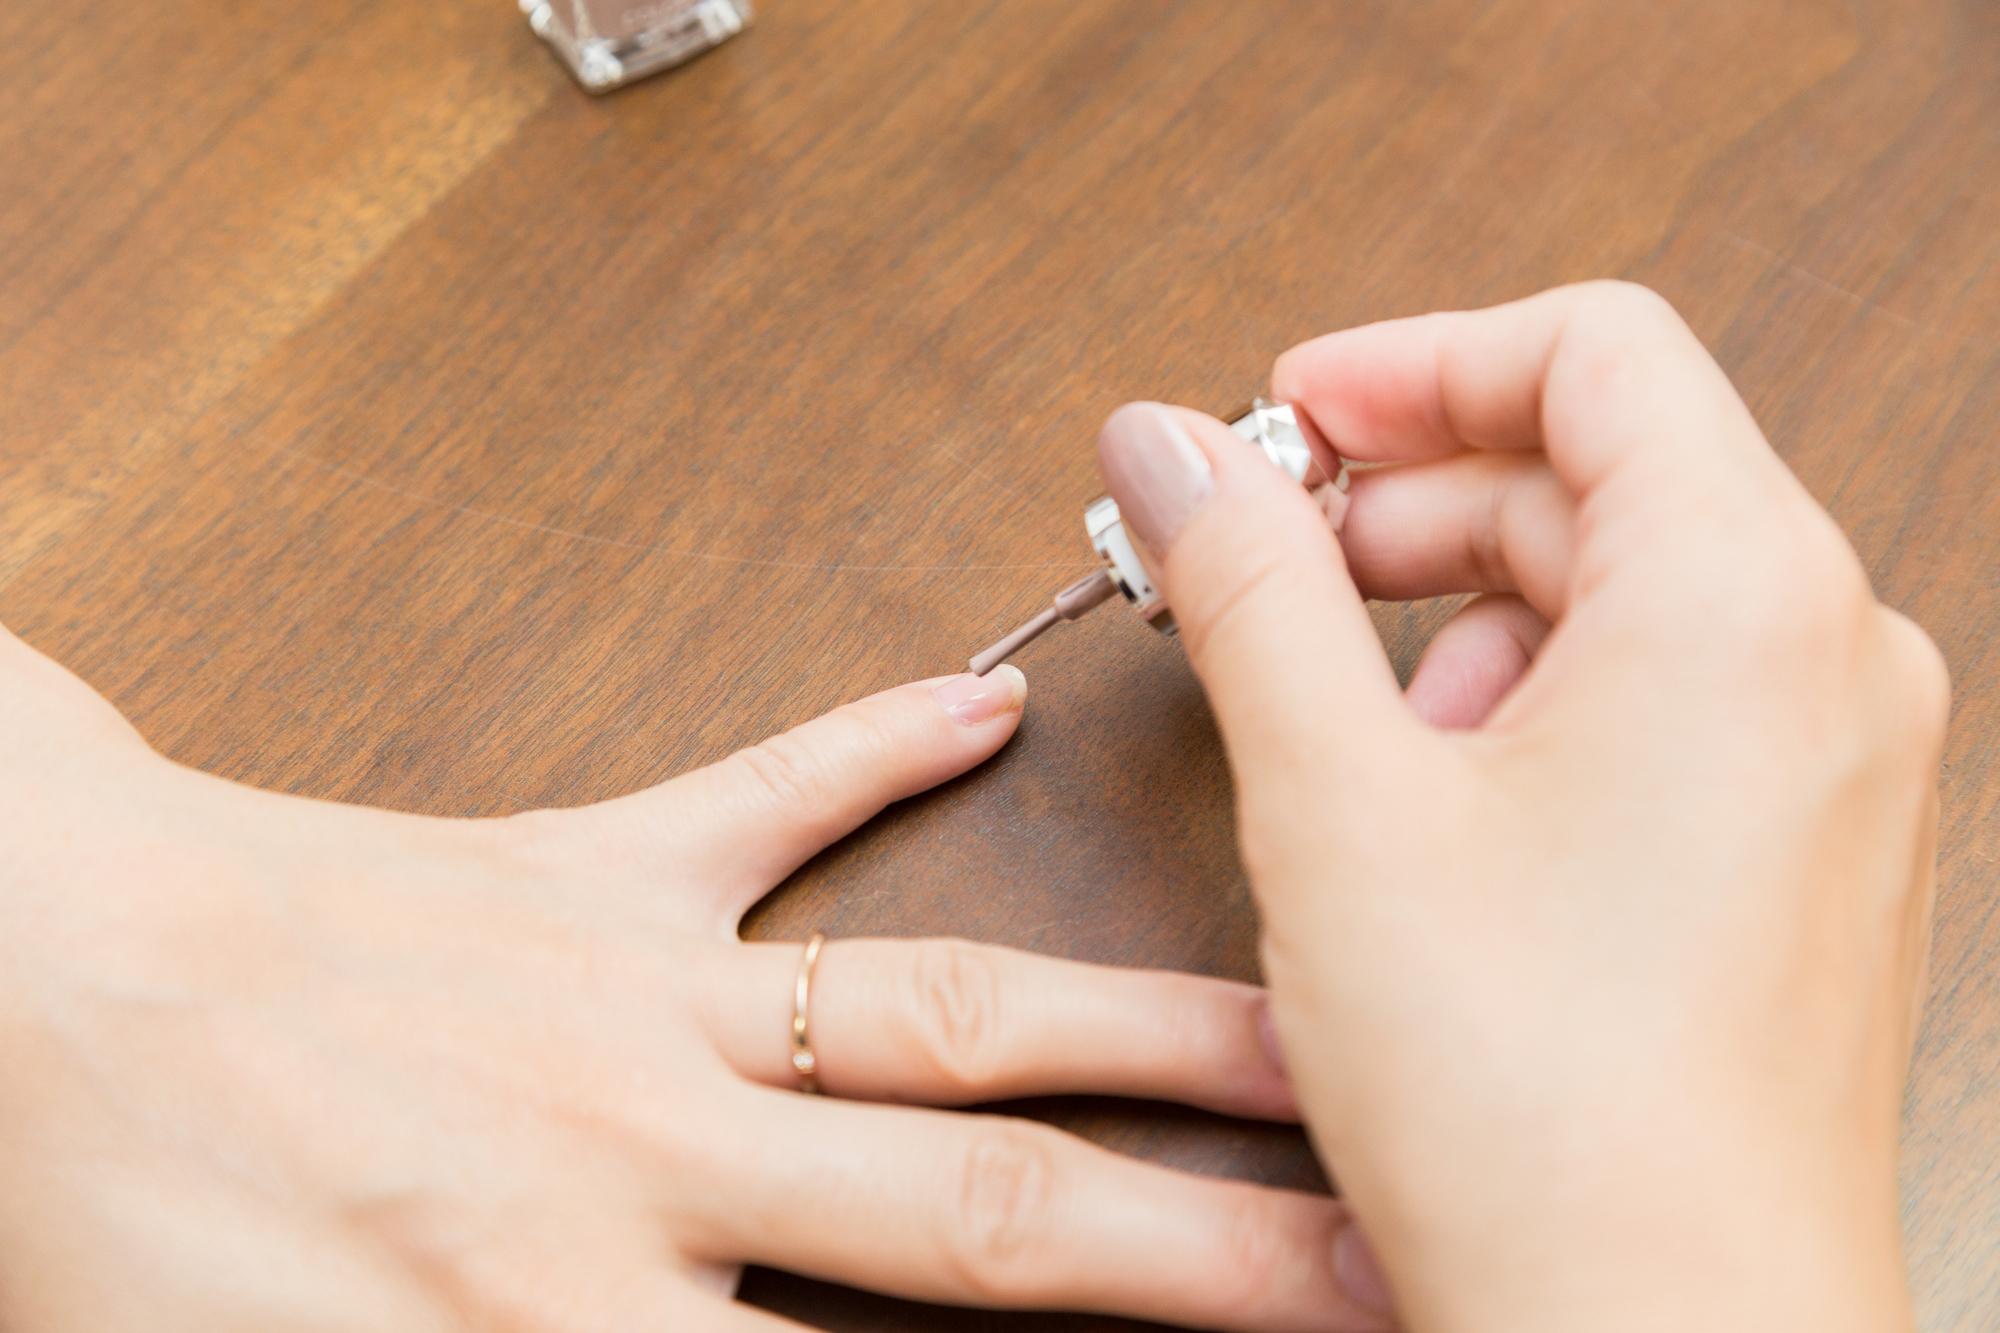 爪にコートを塗る女性